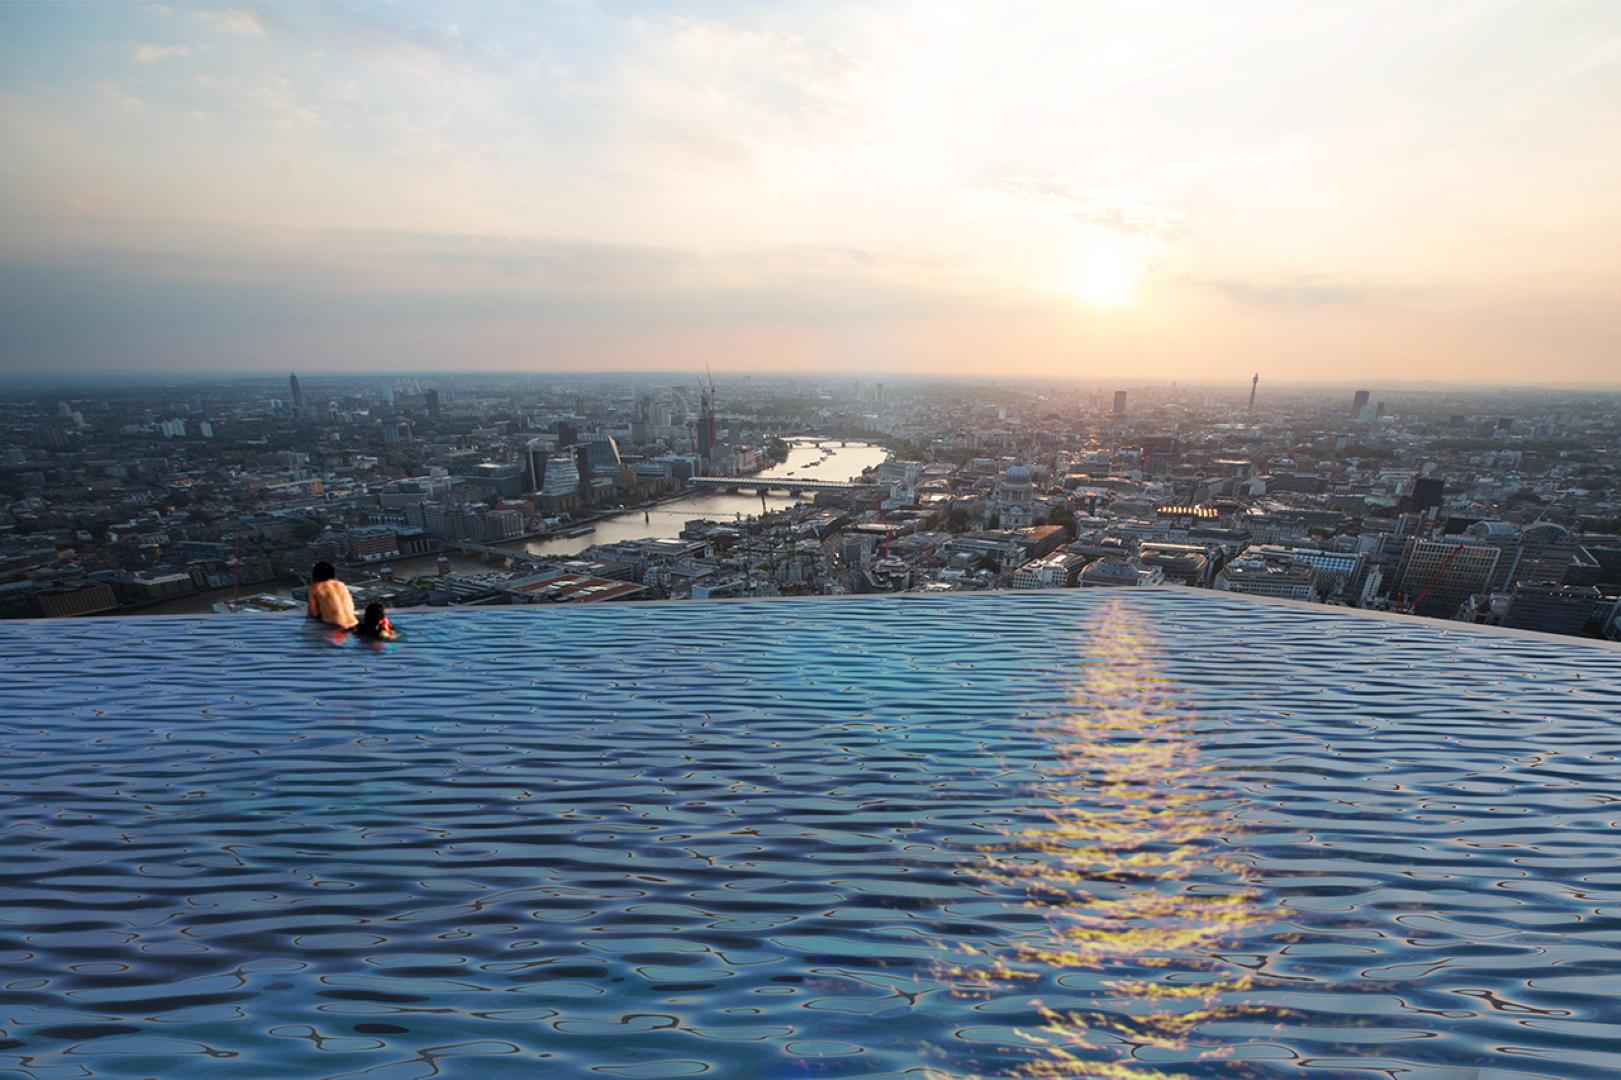 Piscina será construída no 55° andar de um edifício em Londres e terá vista privilegiada da cidade. Foto: Compass Pools / Divulgação